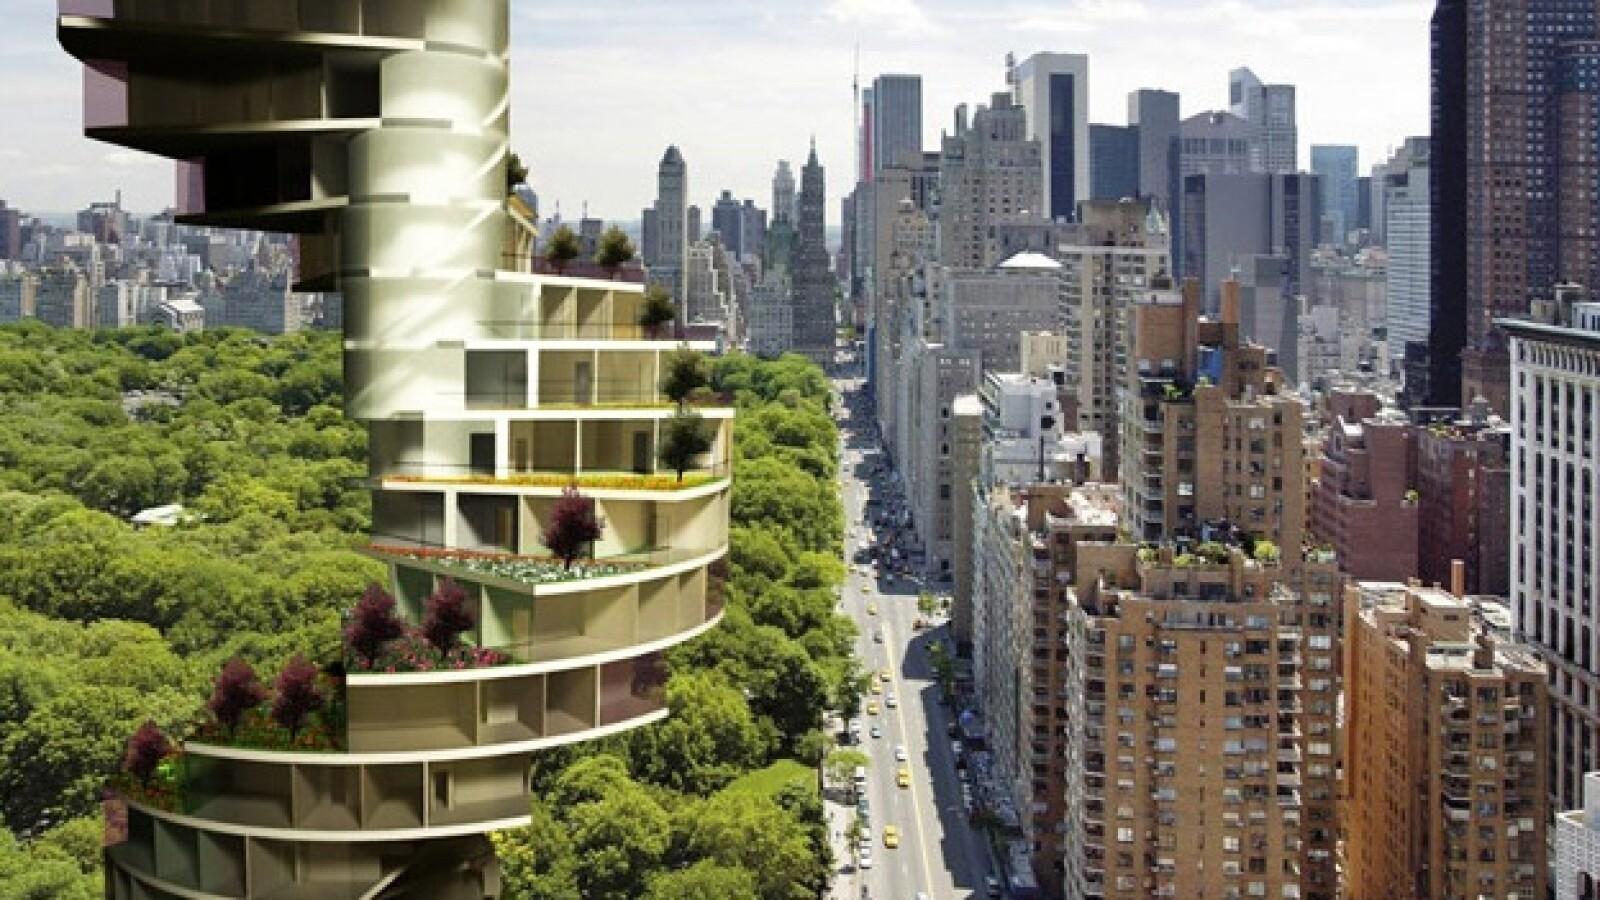 Rascacielos Barcelona Nueva York espiral Nabito alturas Stairscraper